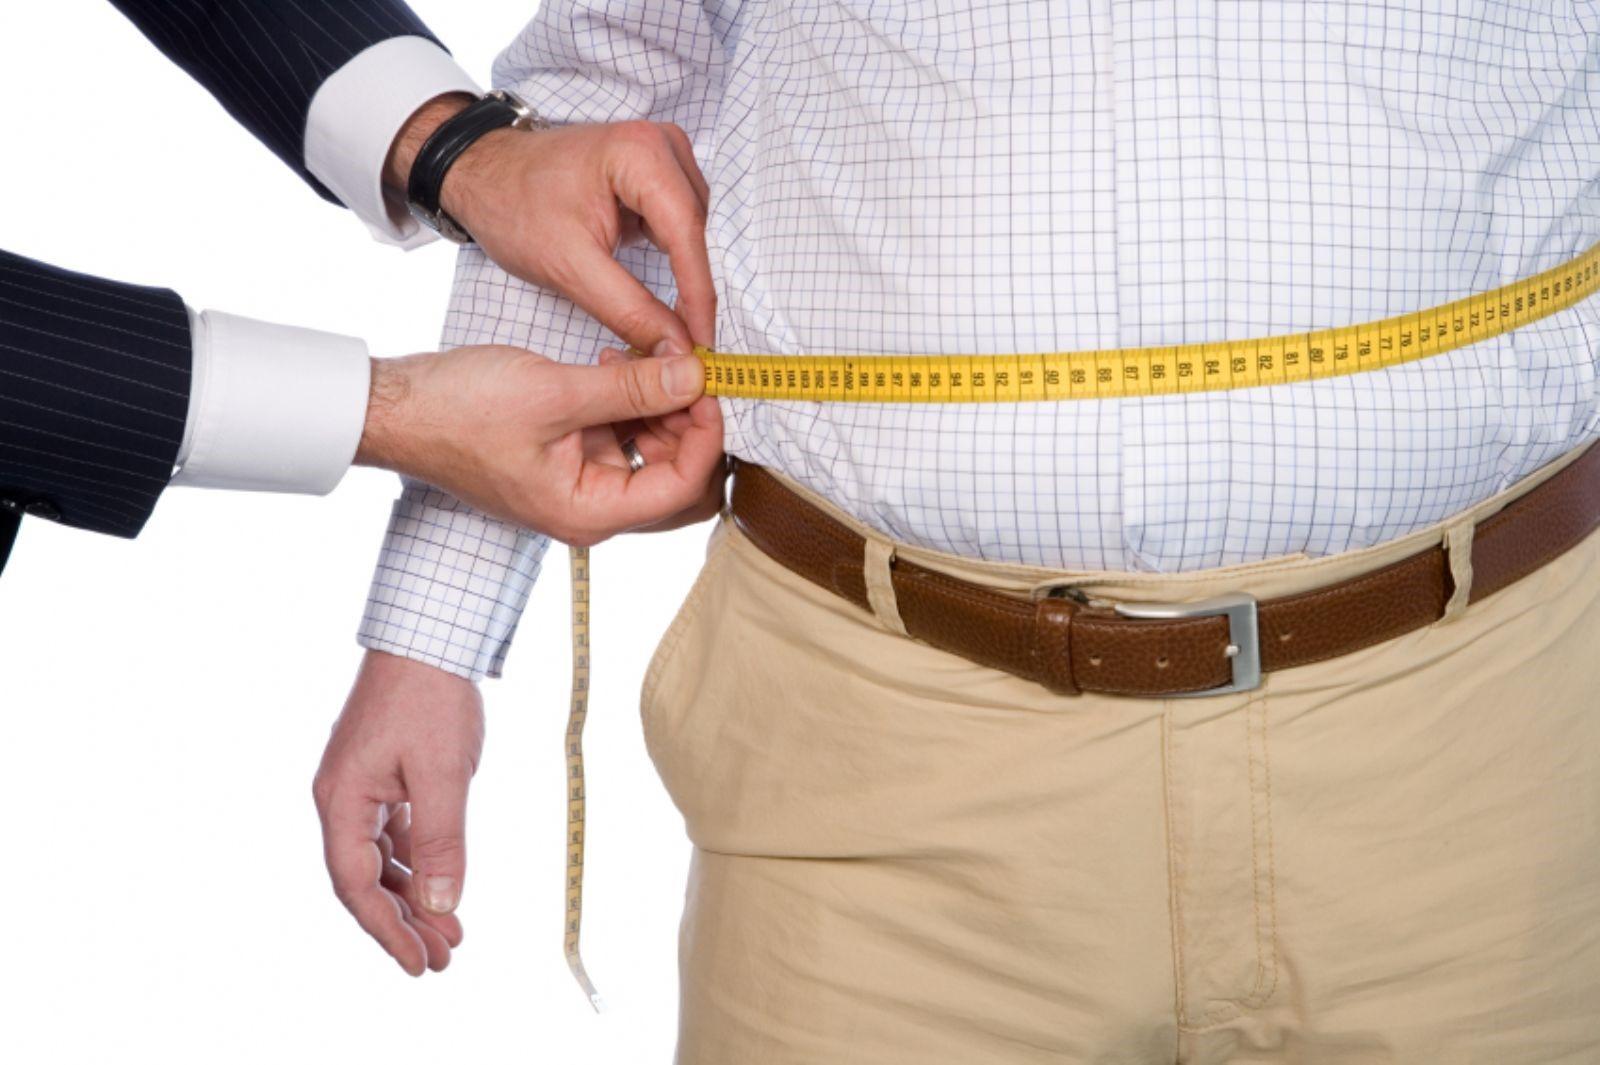 درمان کم کاری تیروئید و کمک به کاهش اضافه وزن